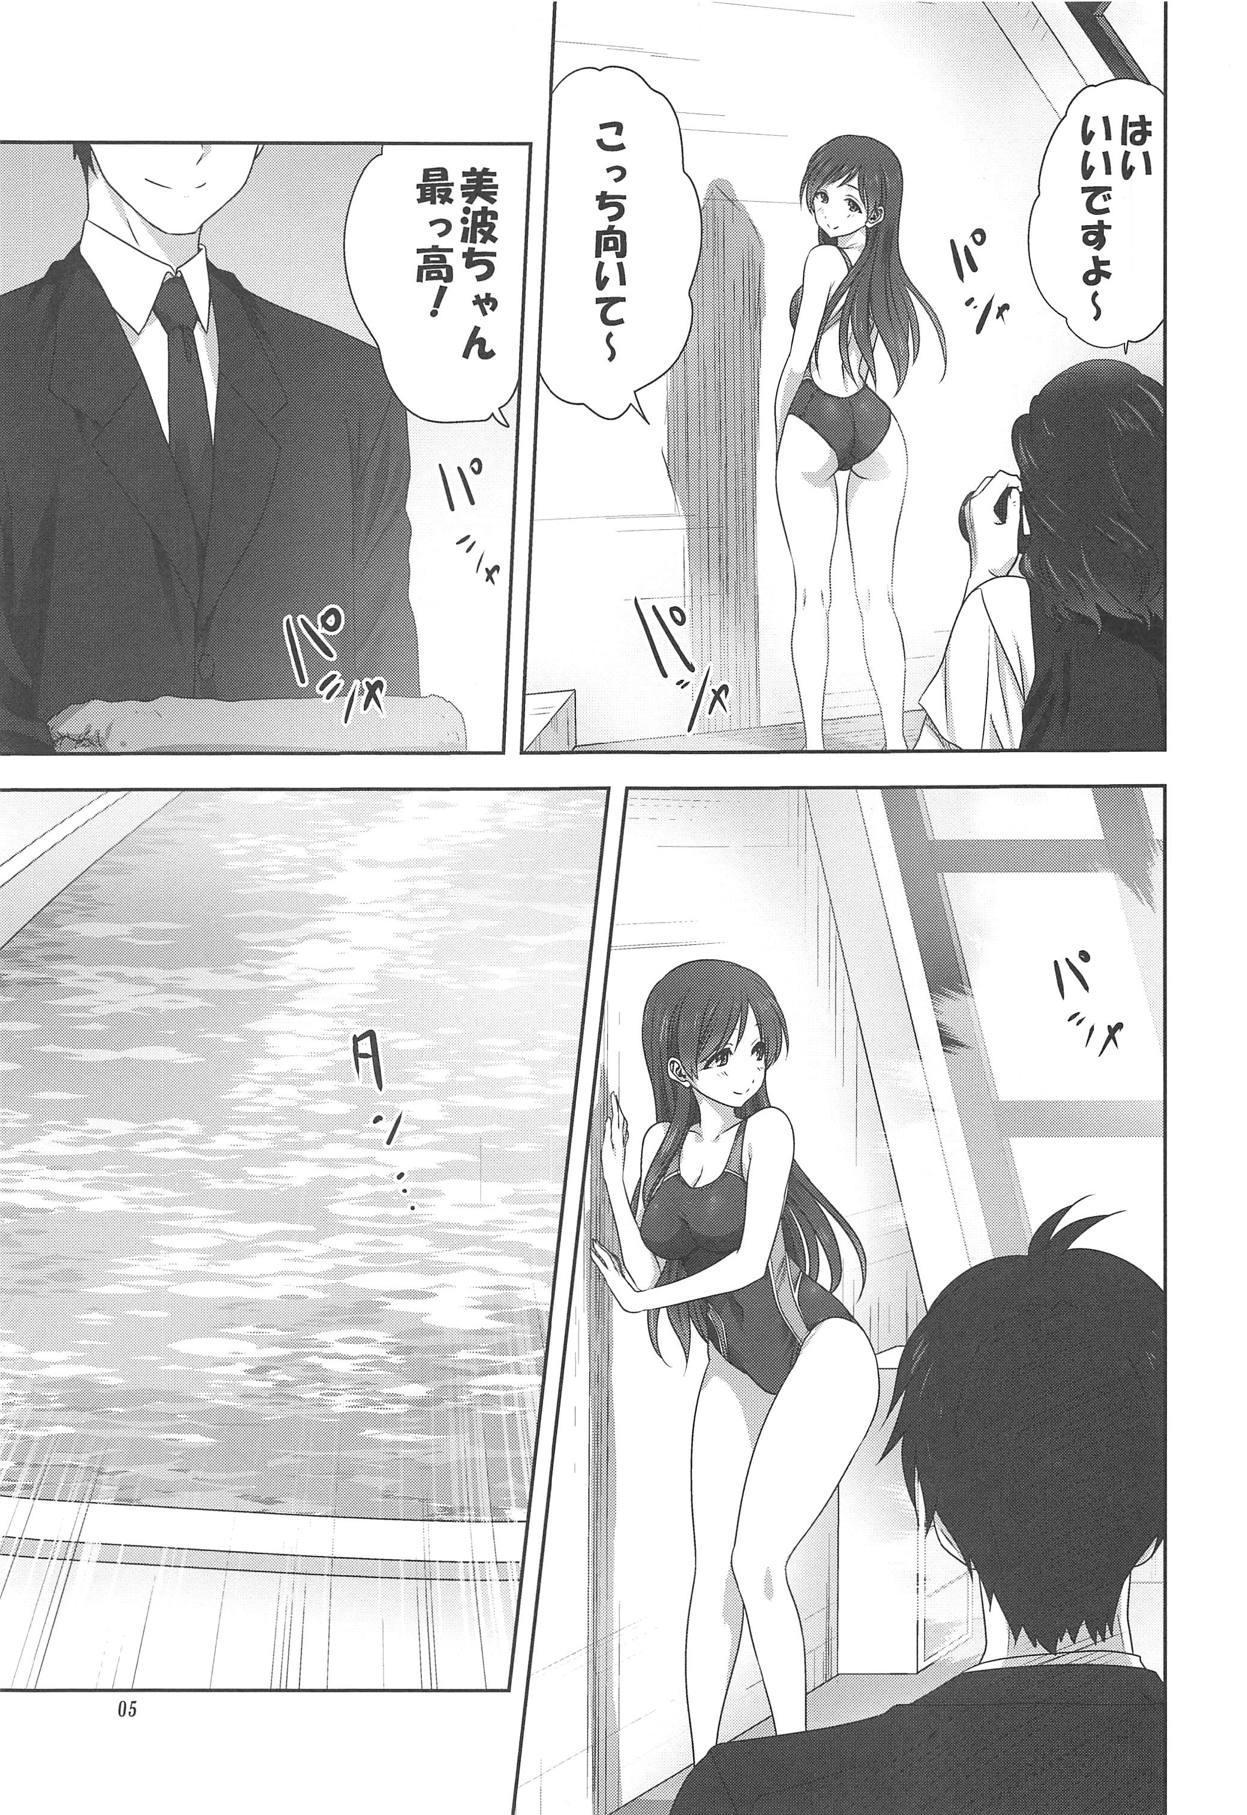 Minami to P no Oshigoto 3